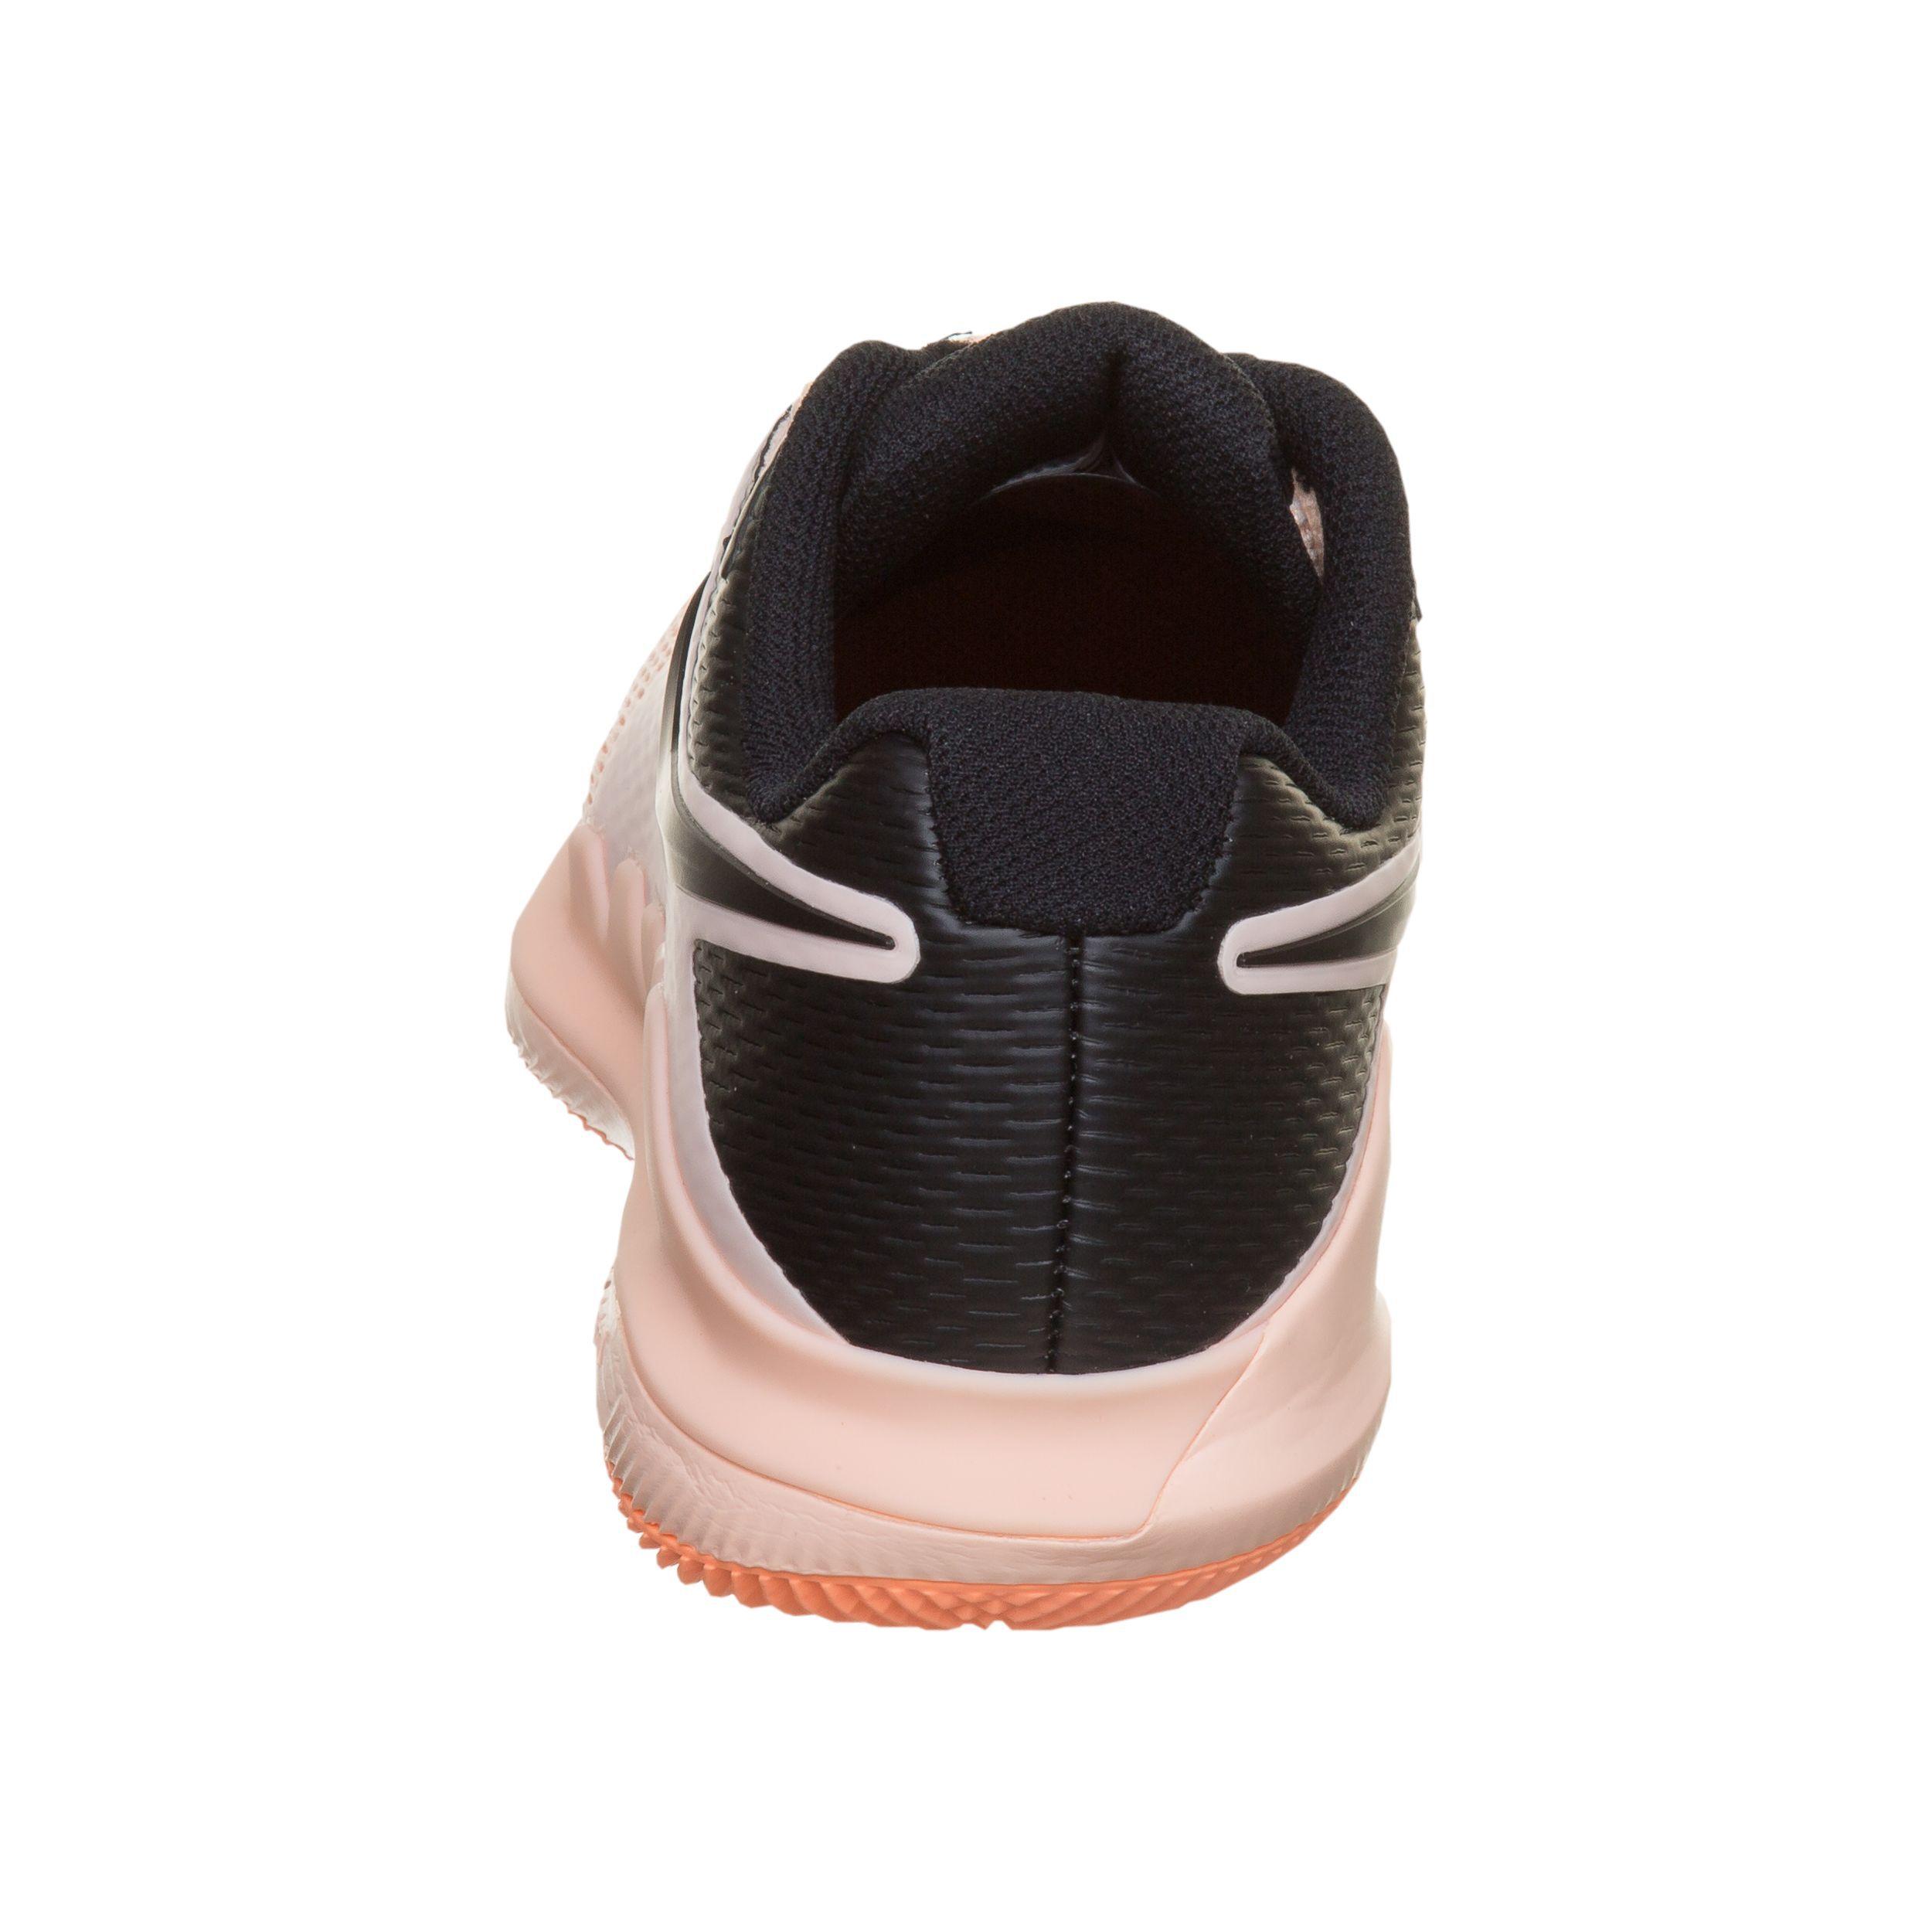 Nike Zoom Vapor X Allcourtschuh Damen Apricot, Schwarz